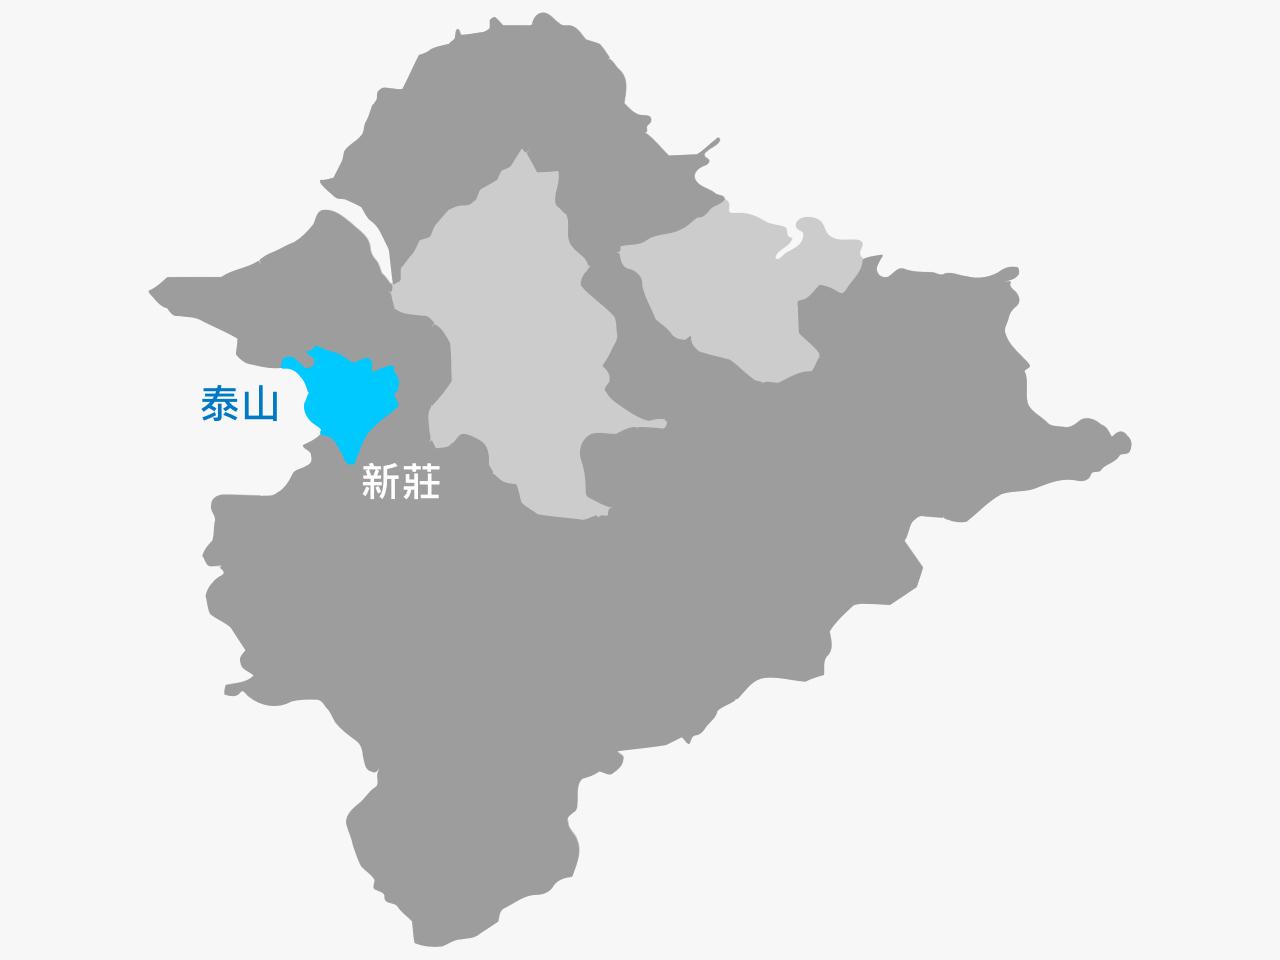 百年古蹟現風華,傳統鼓藝動人心- MAP